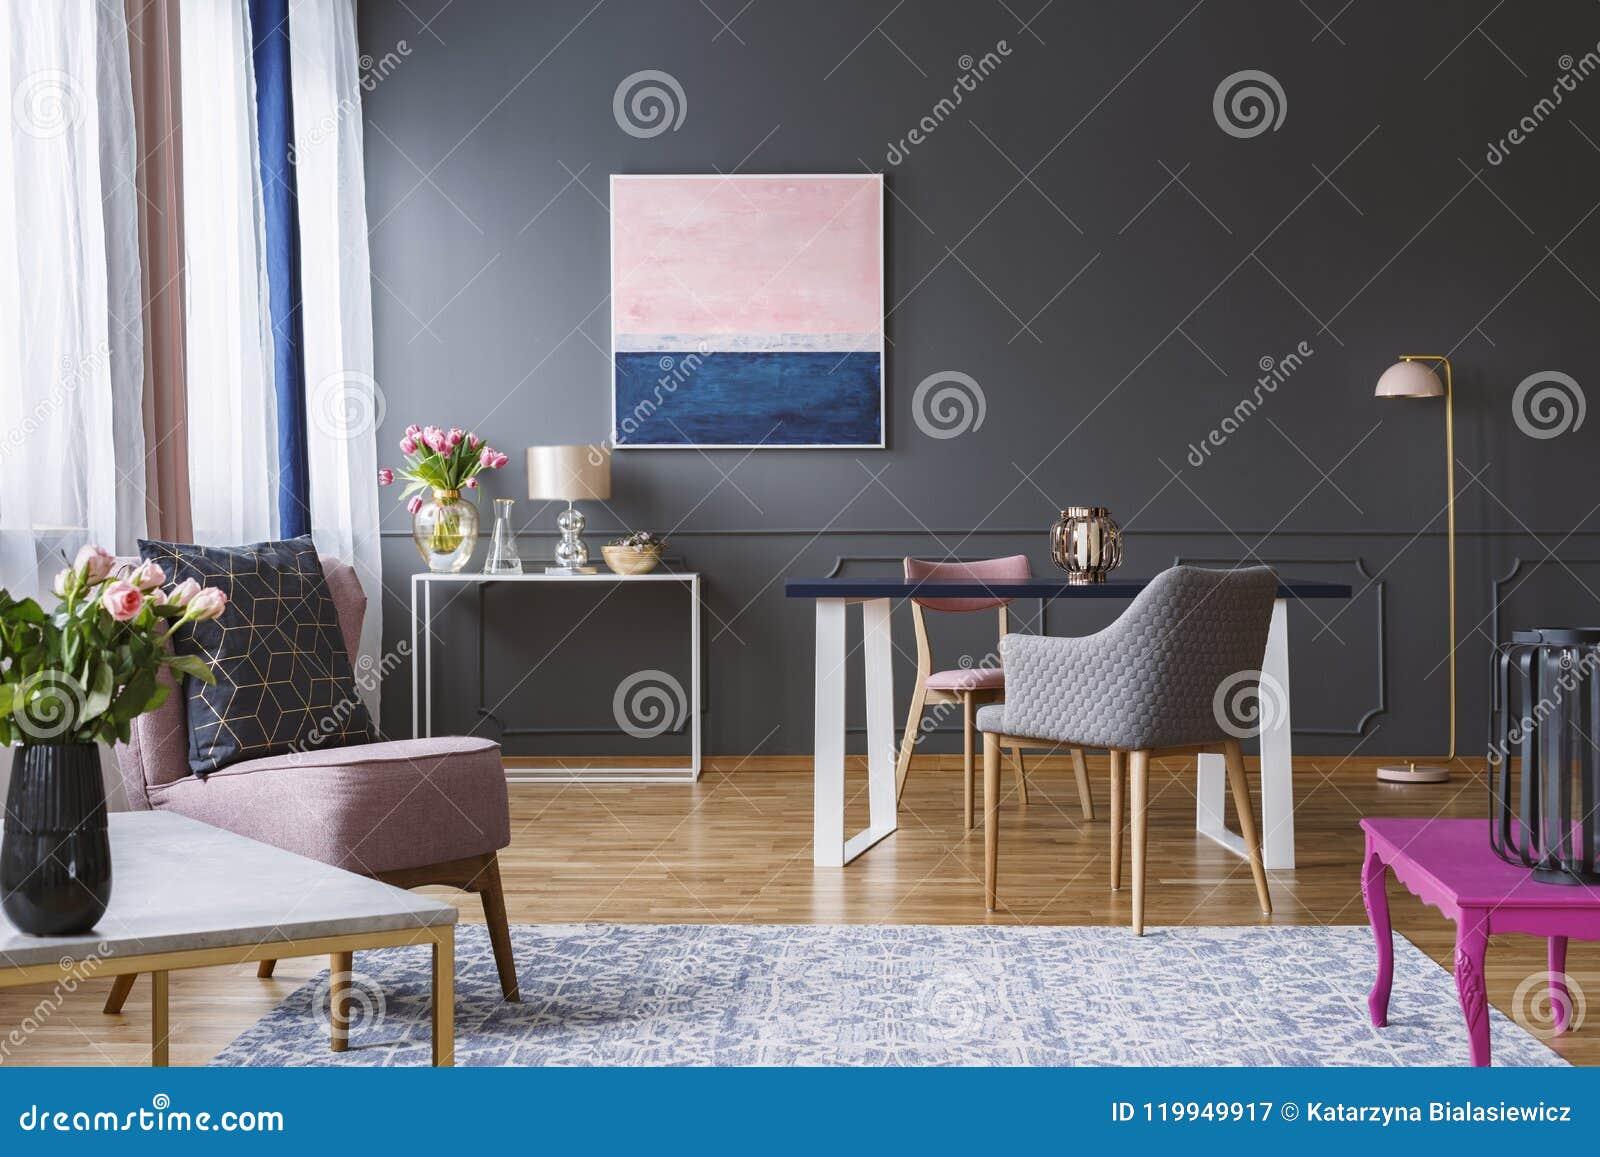 Pittura Interni Grigio Chiaro : Pittura dei blu navy e di rosa nell interno grigio del salone con